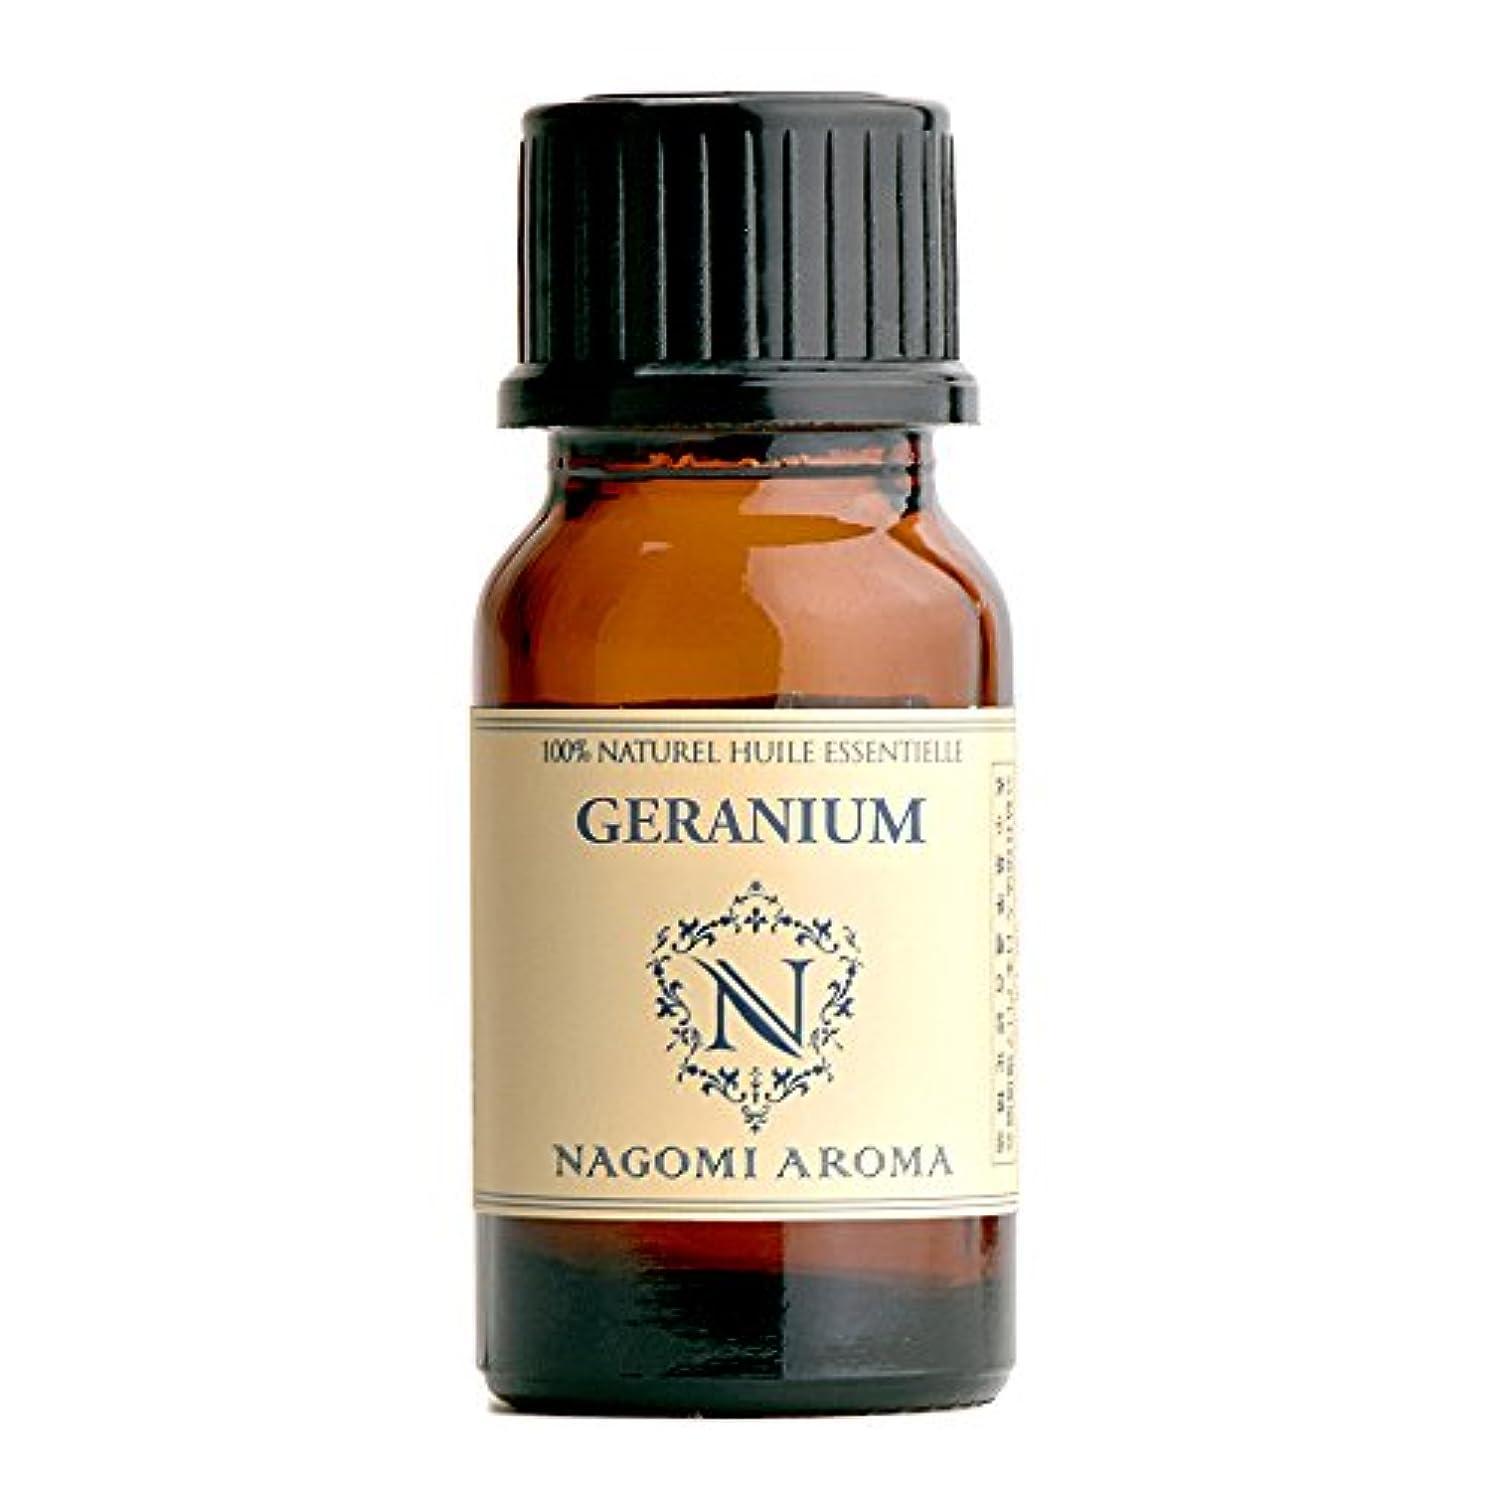 デッキコジオスコ懐疑的NAGOMI AROMA ゼラニウム 10ml 【AEAJ認定精油】【アロマオイル】